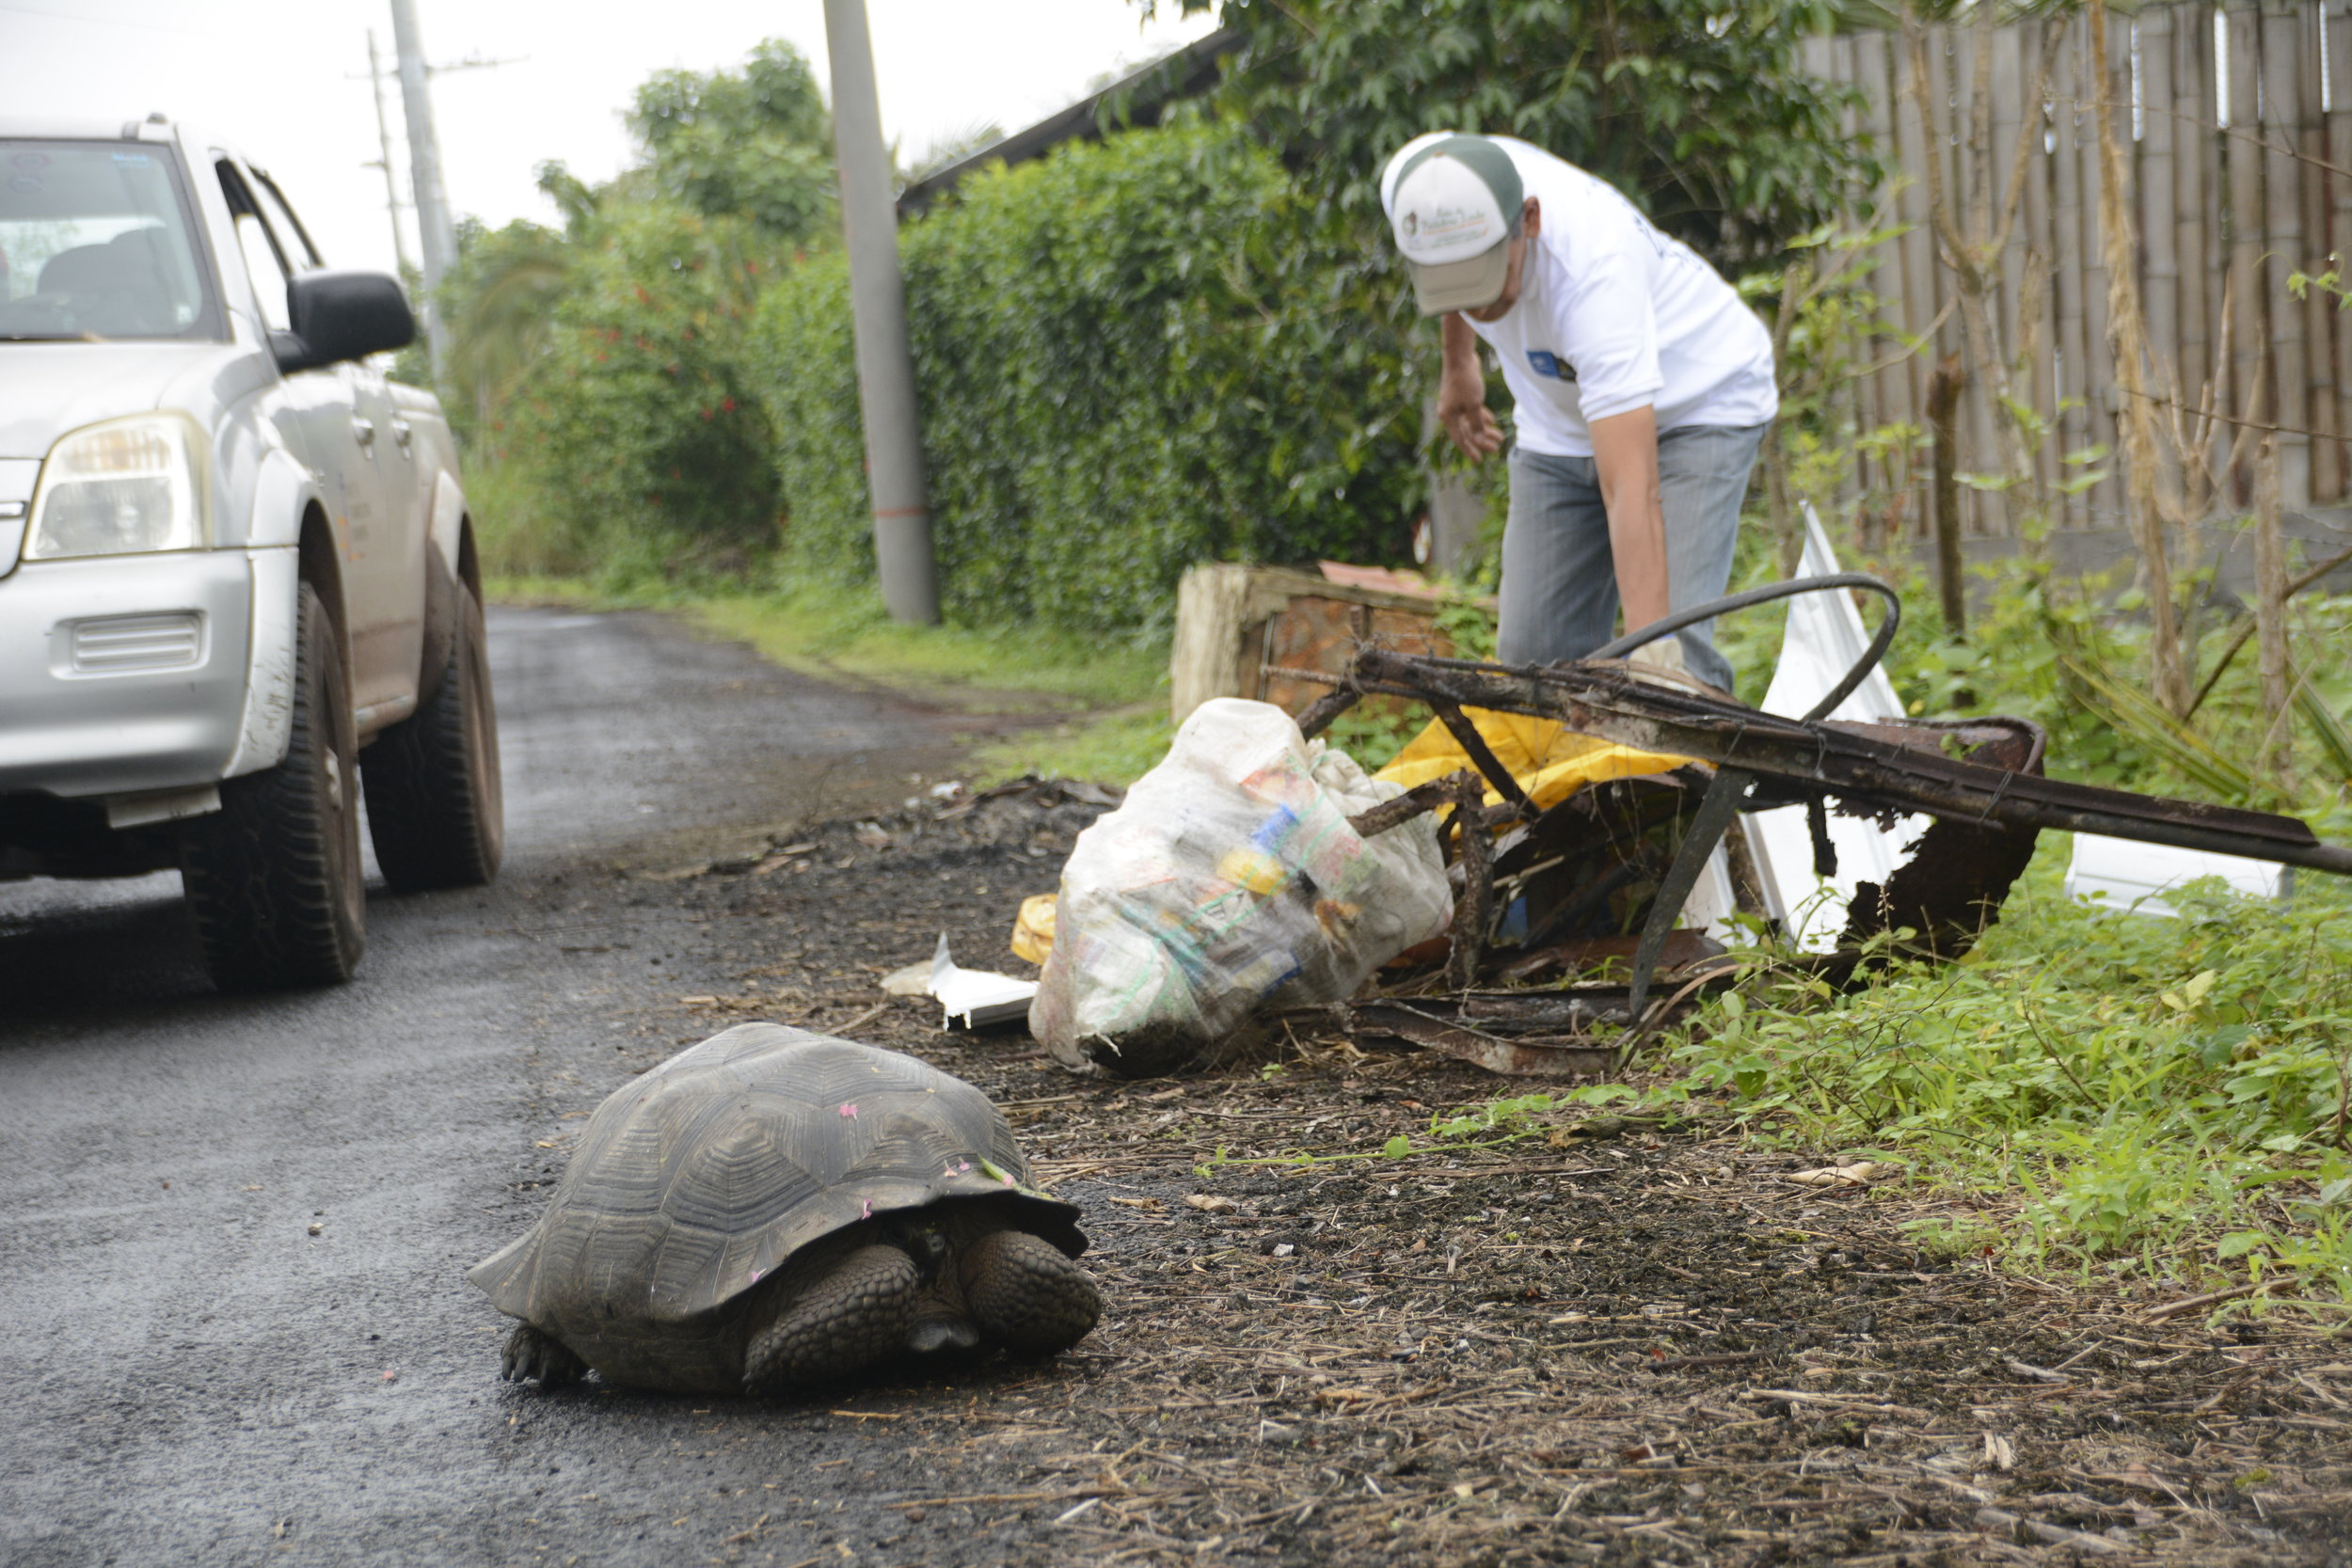 Figura 1 . Recolección de desechos en el área rural. Foto: Carolina Peñafiel